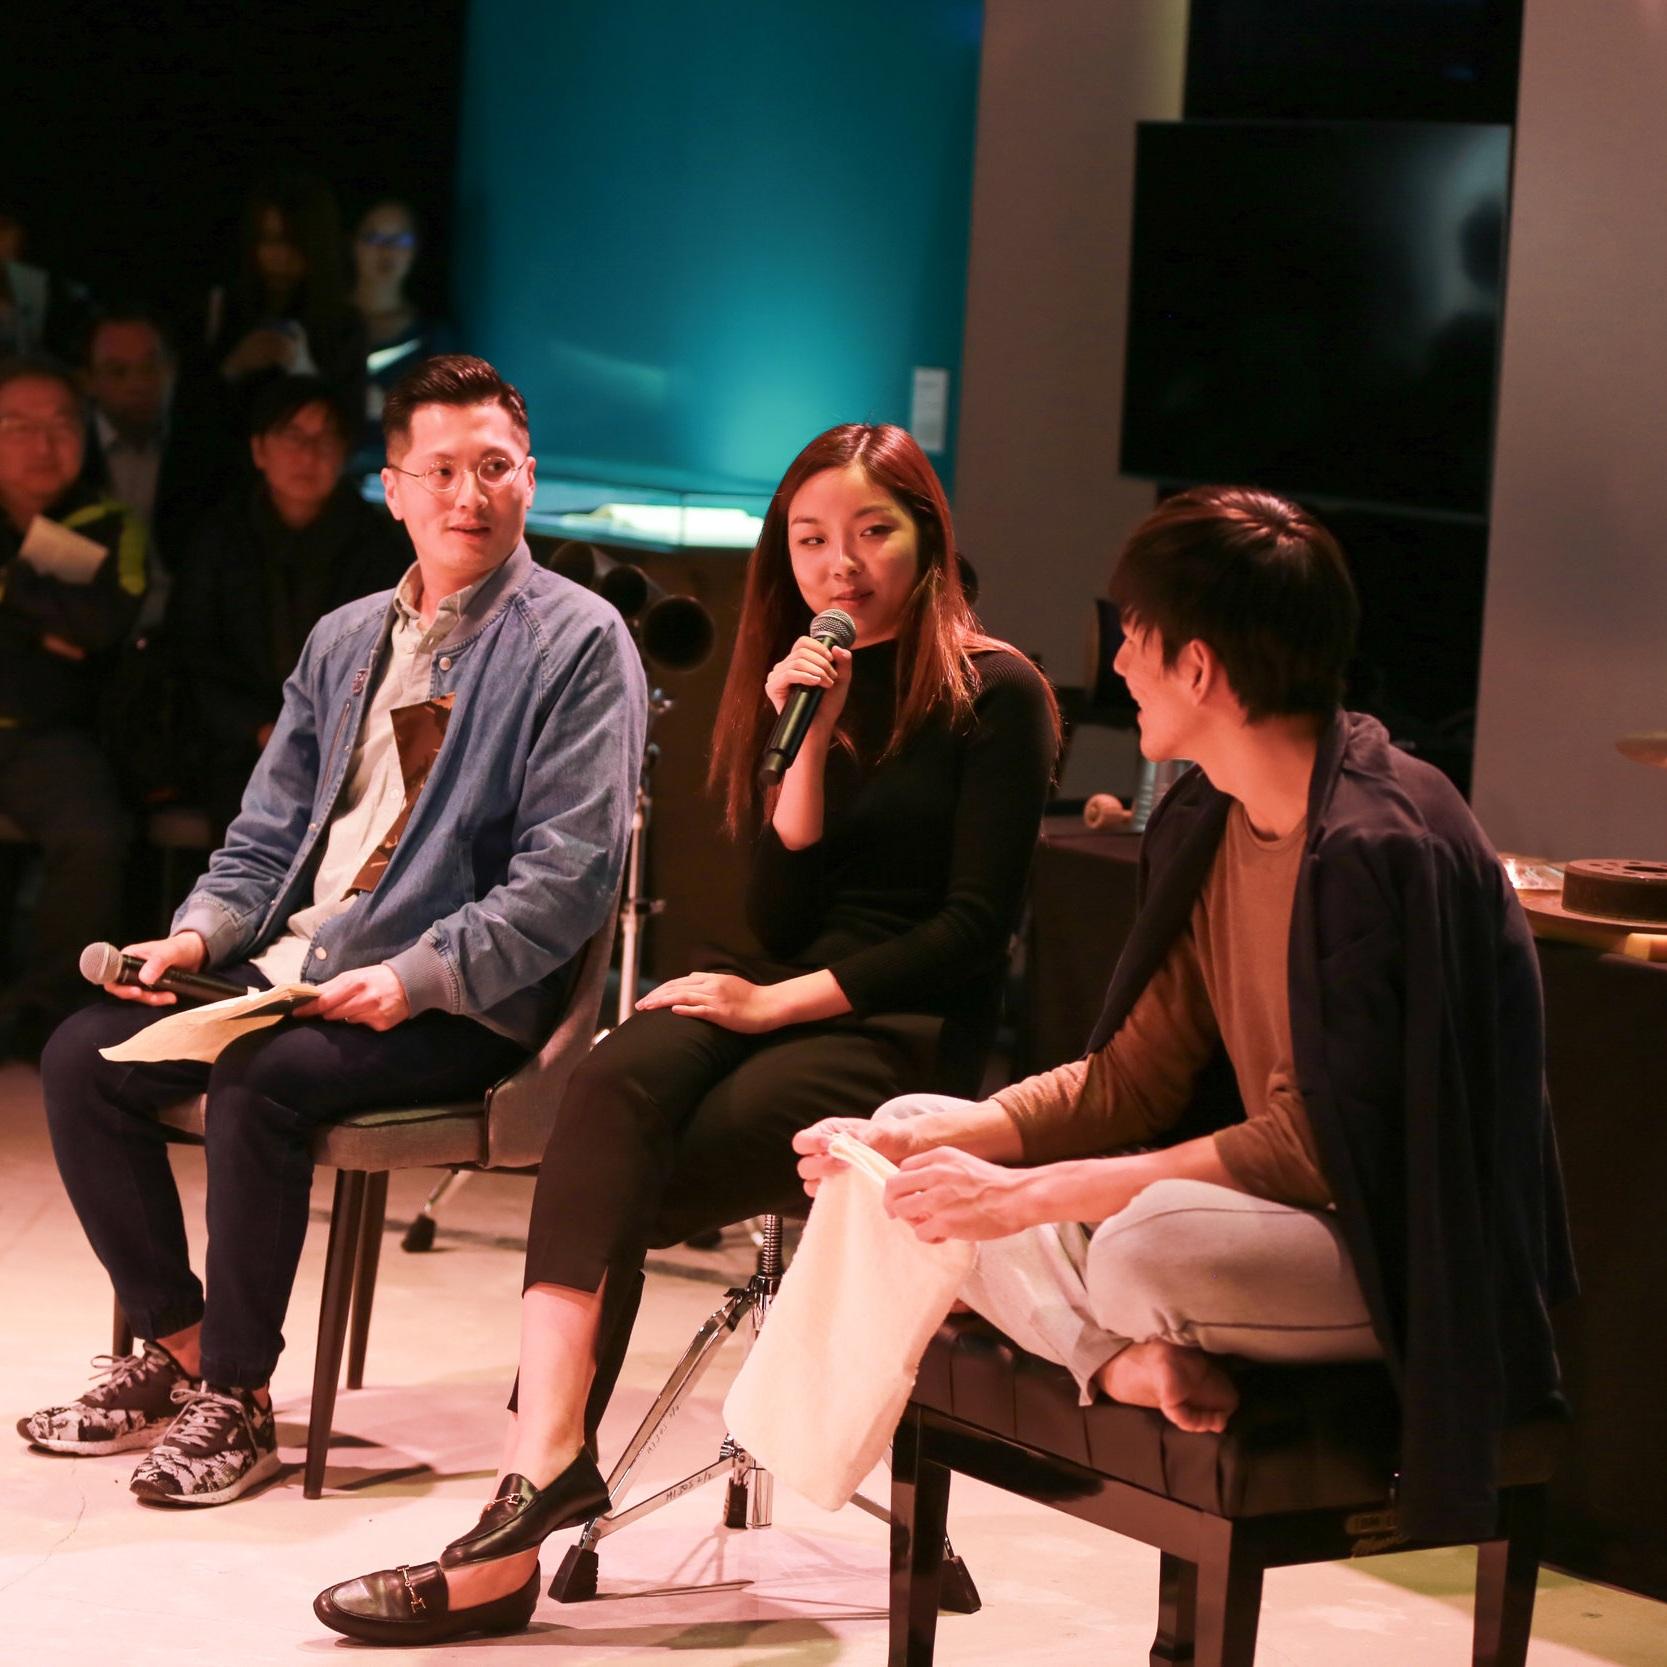 photo courtesy of Hong Kong Sinfonietta Ltd.